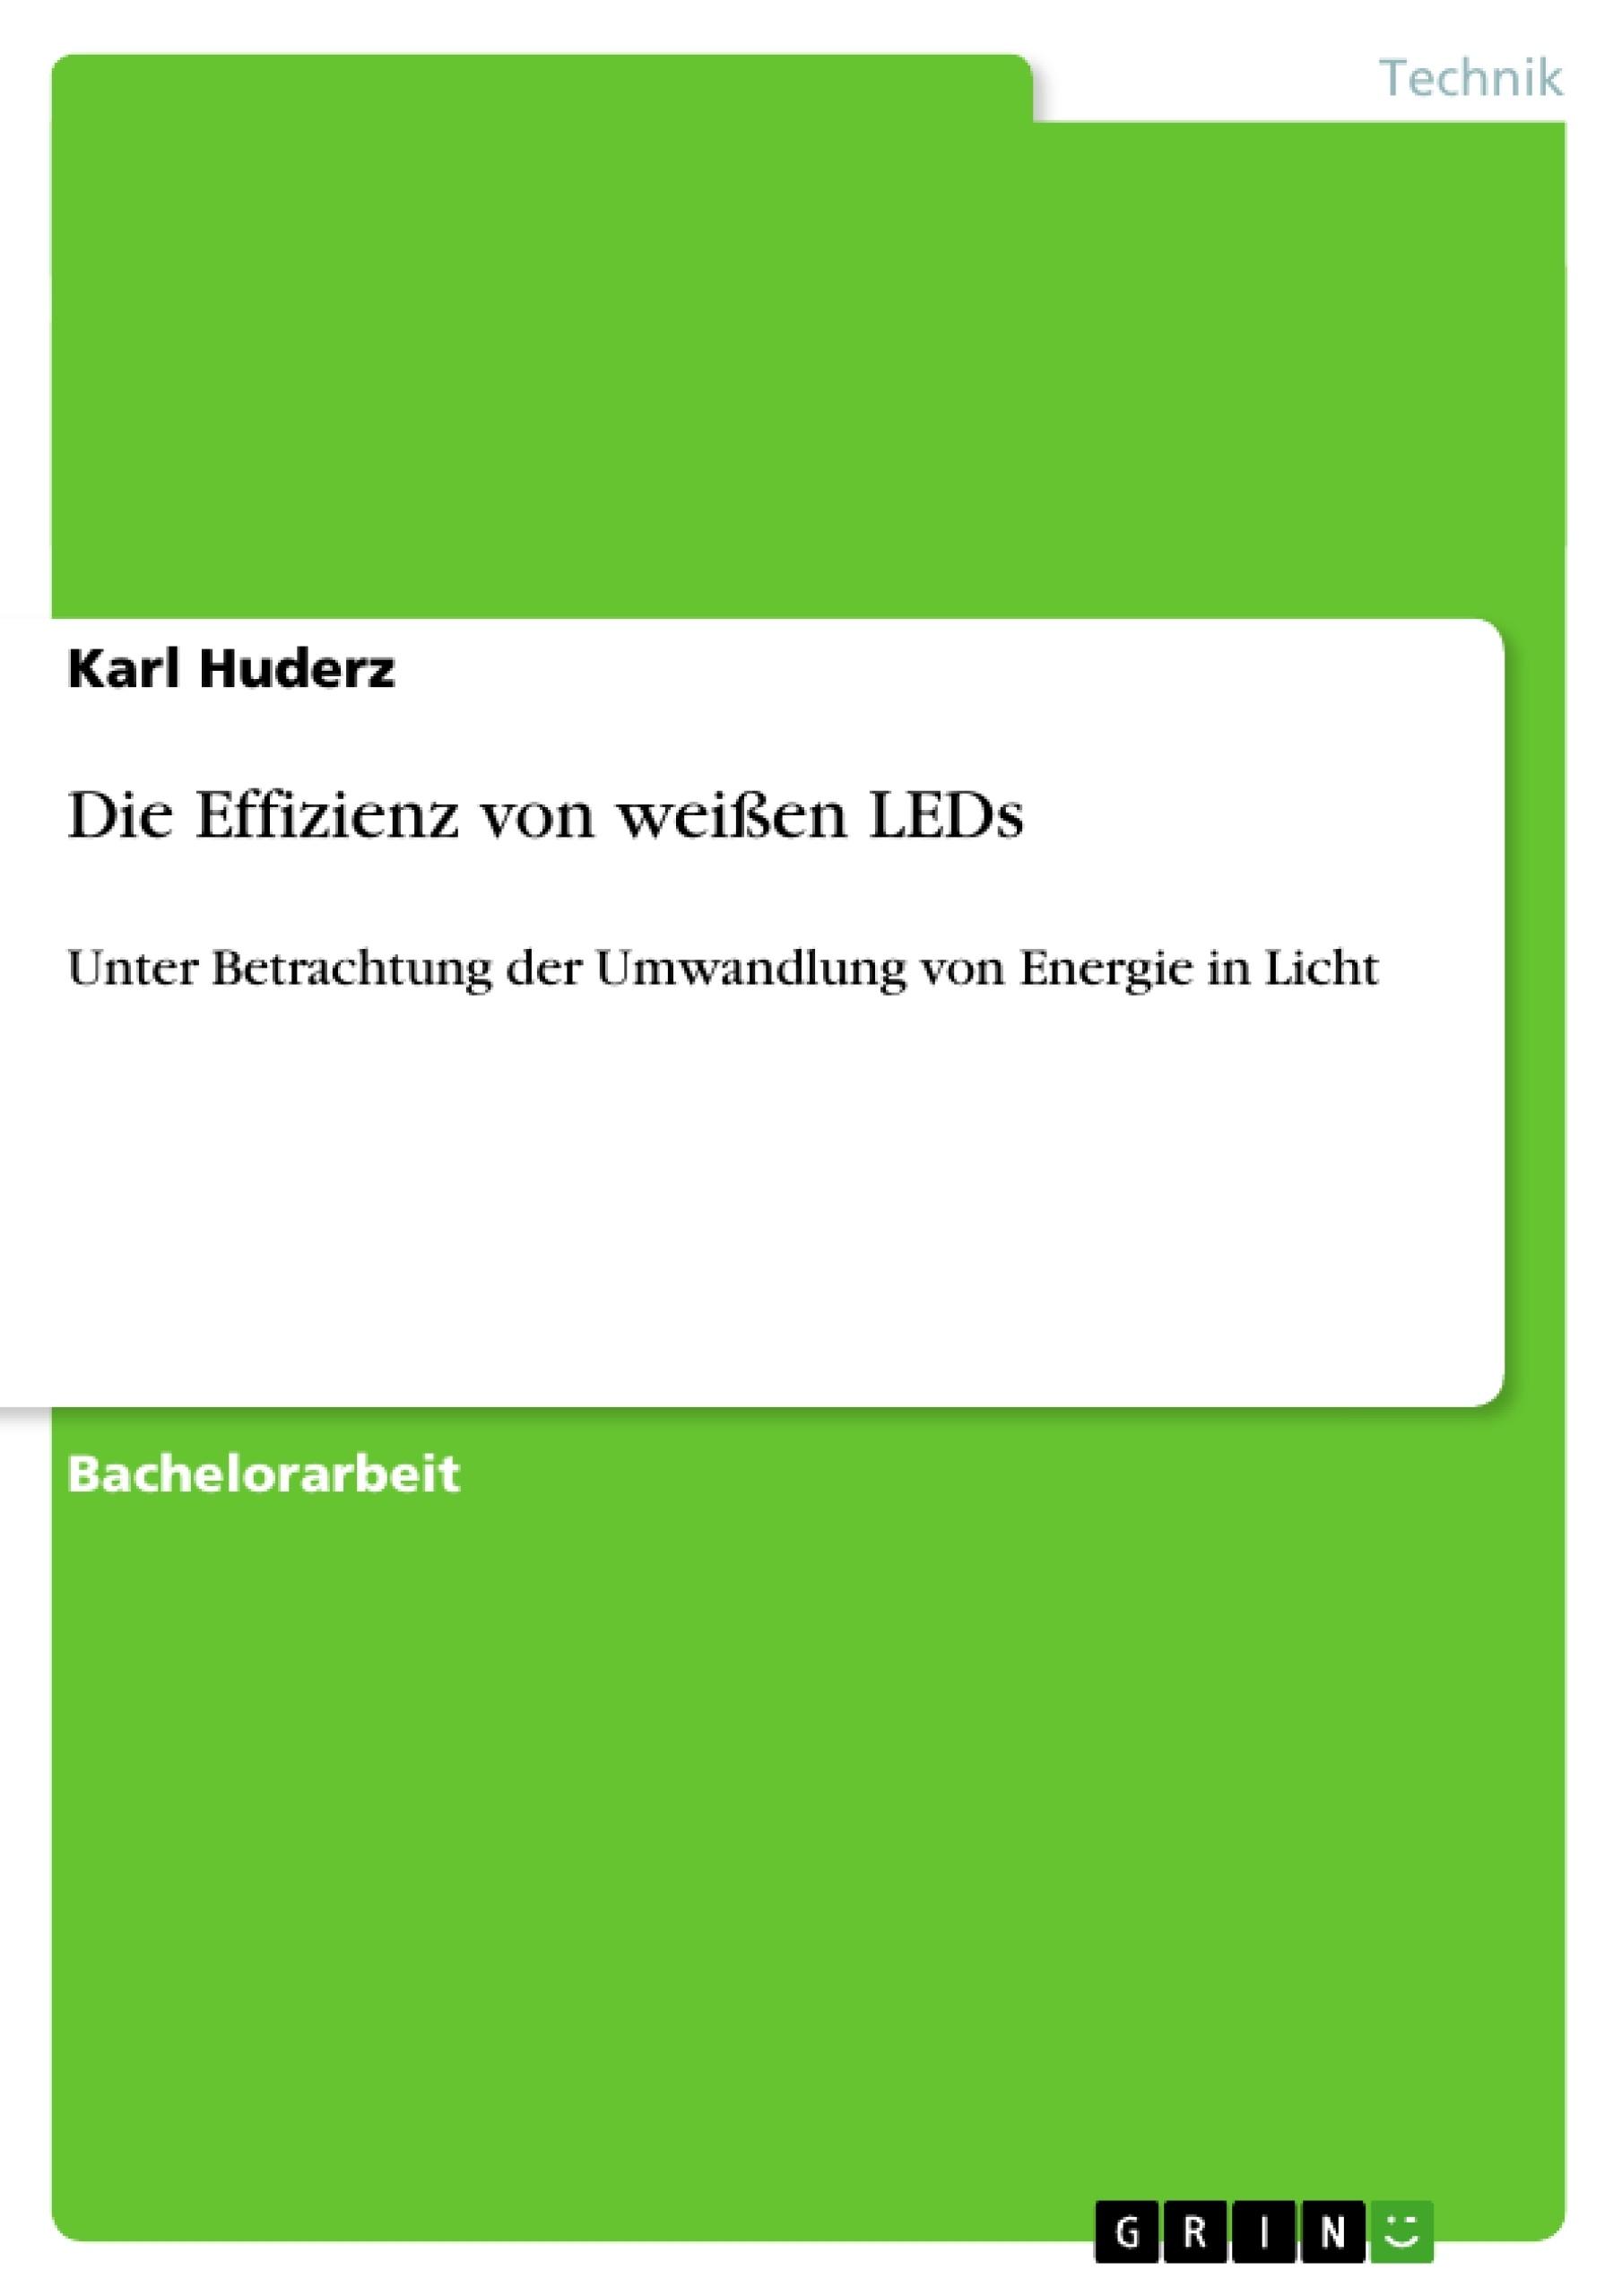 Titel: Die Effizienz von weißen LEDs